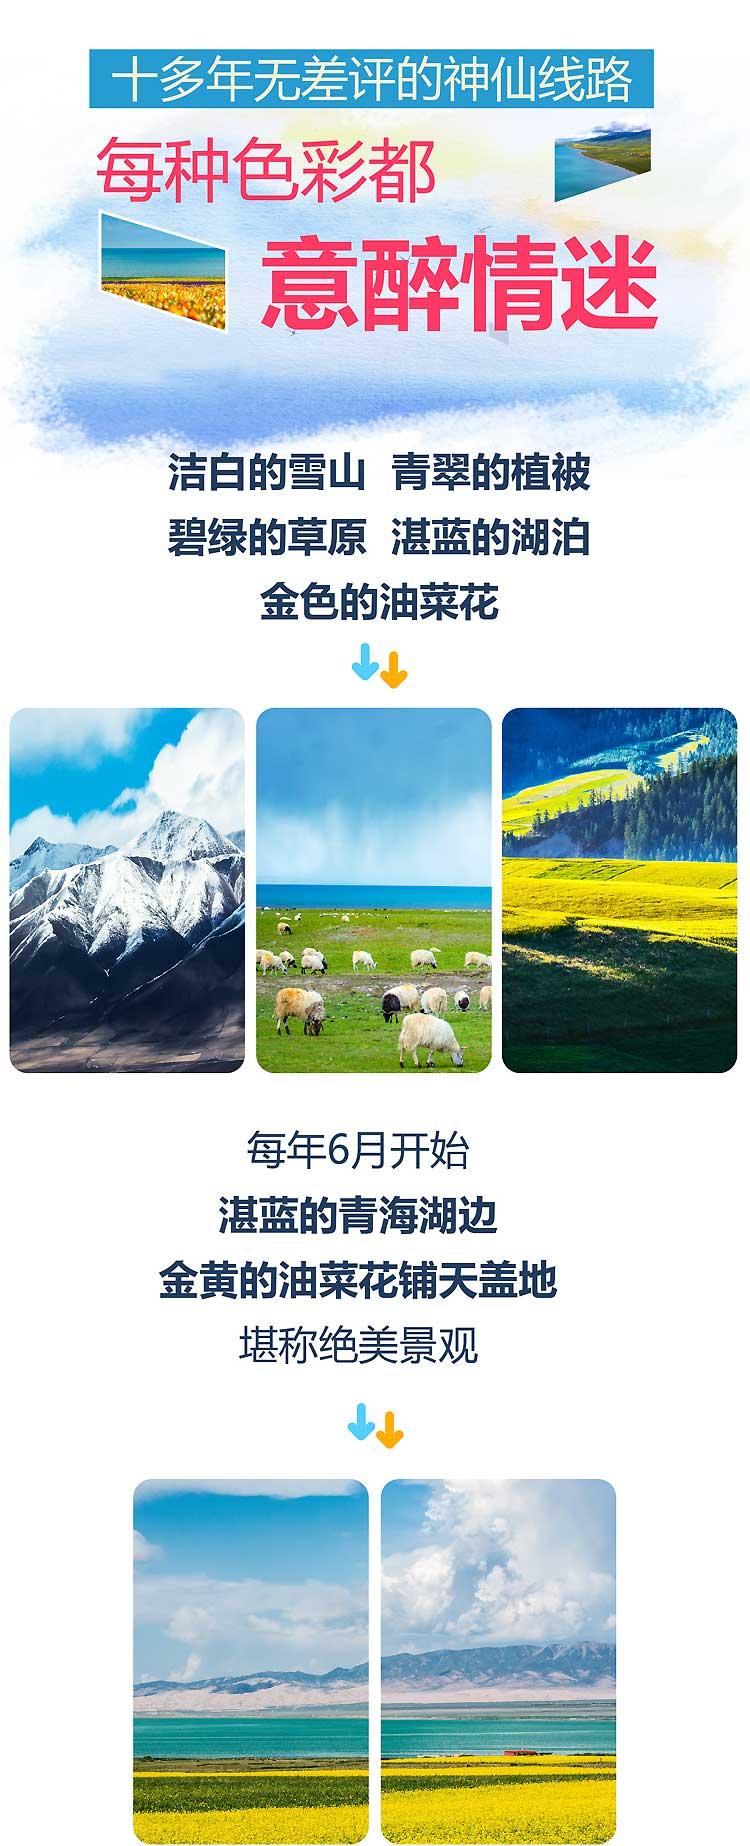 4青海甘肃大环游-2021-09